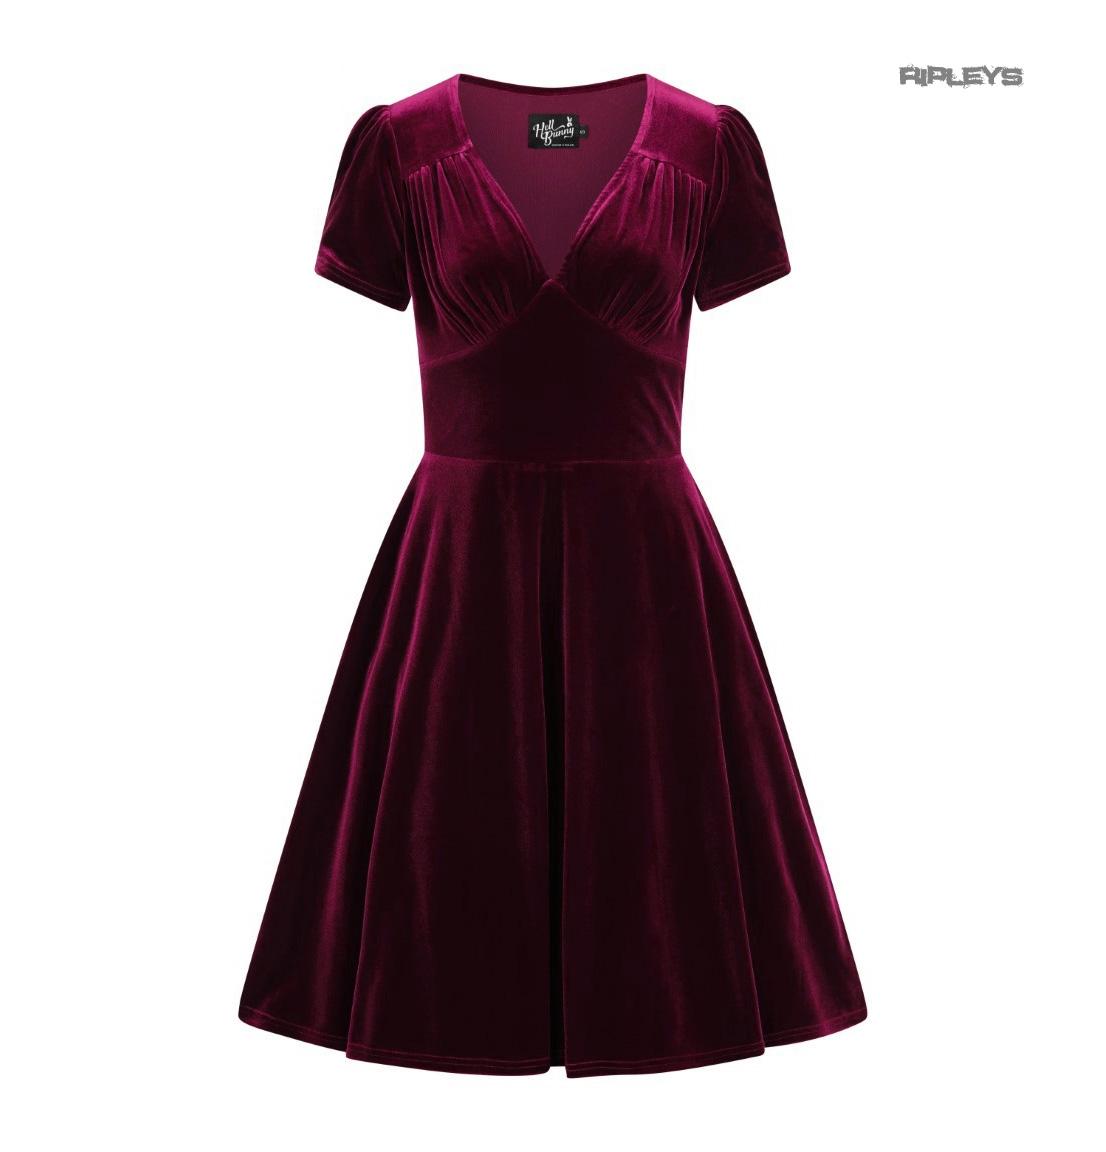 Hell-Bunny-40s-50s-Elegant-Pin-Up-Dress-JOANNE-Crushed-Velvet-Burgundy-All-Sizes thumbnail 22